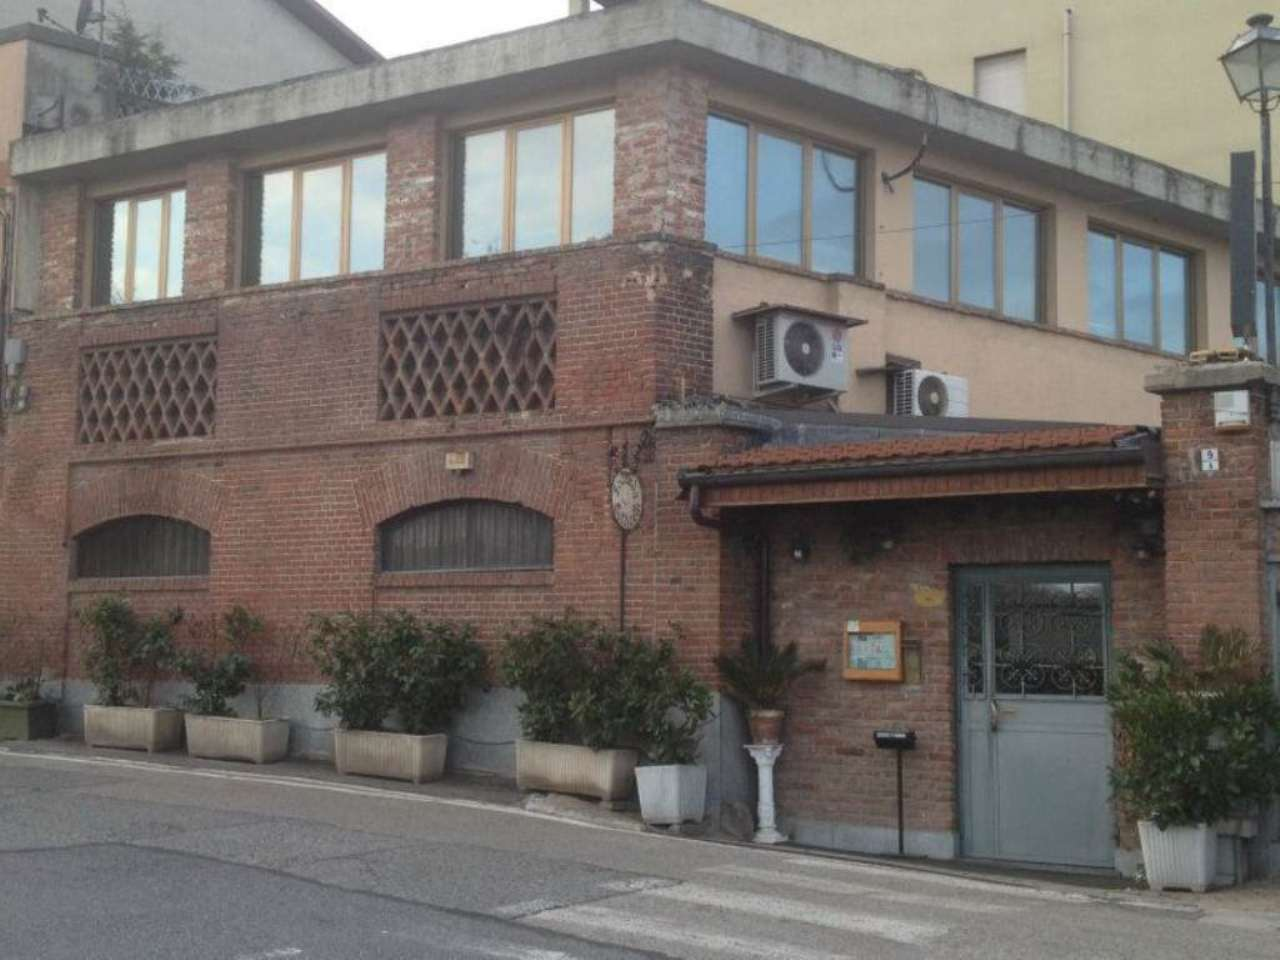 Attività Commerciale - Ristorante in Vendita a Torino